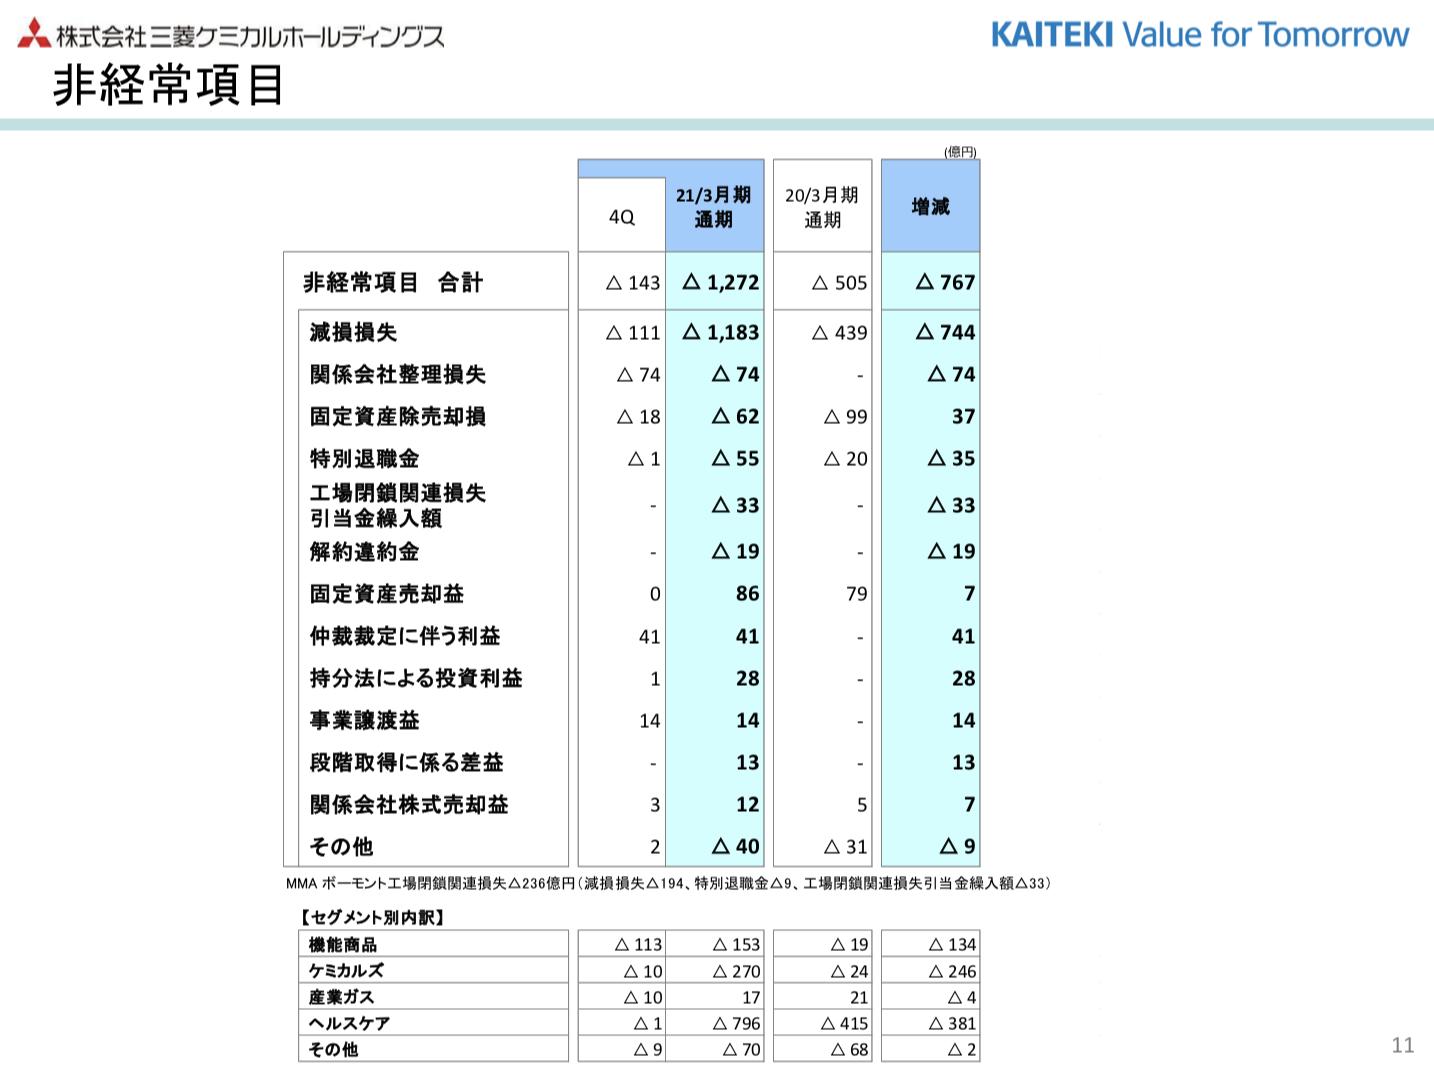 株式会社三菱ケミカルホールディングス 2021年3月期 決算説明